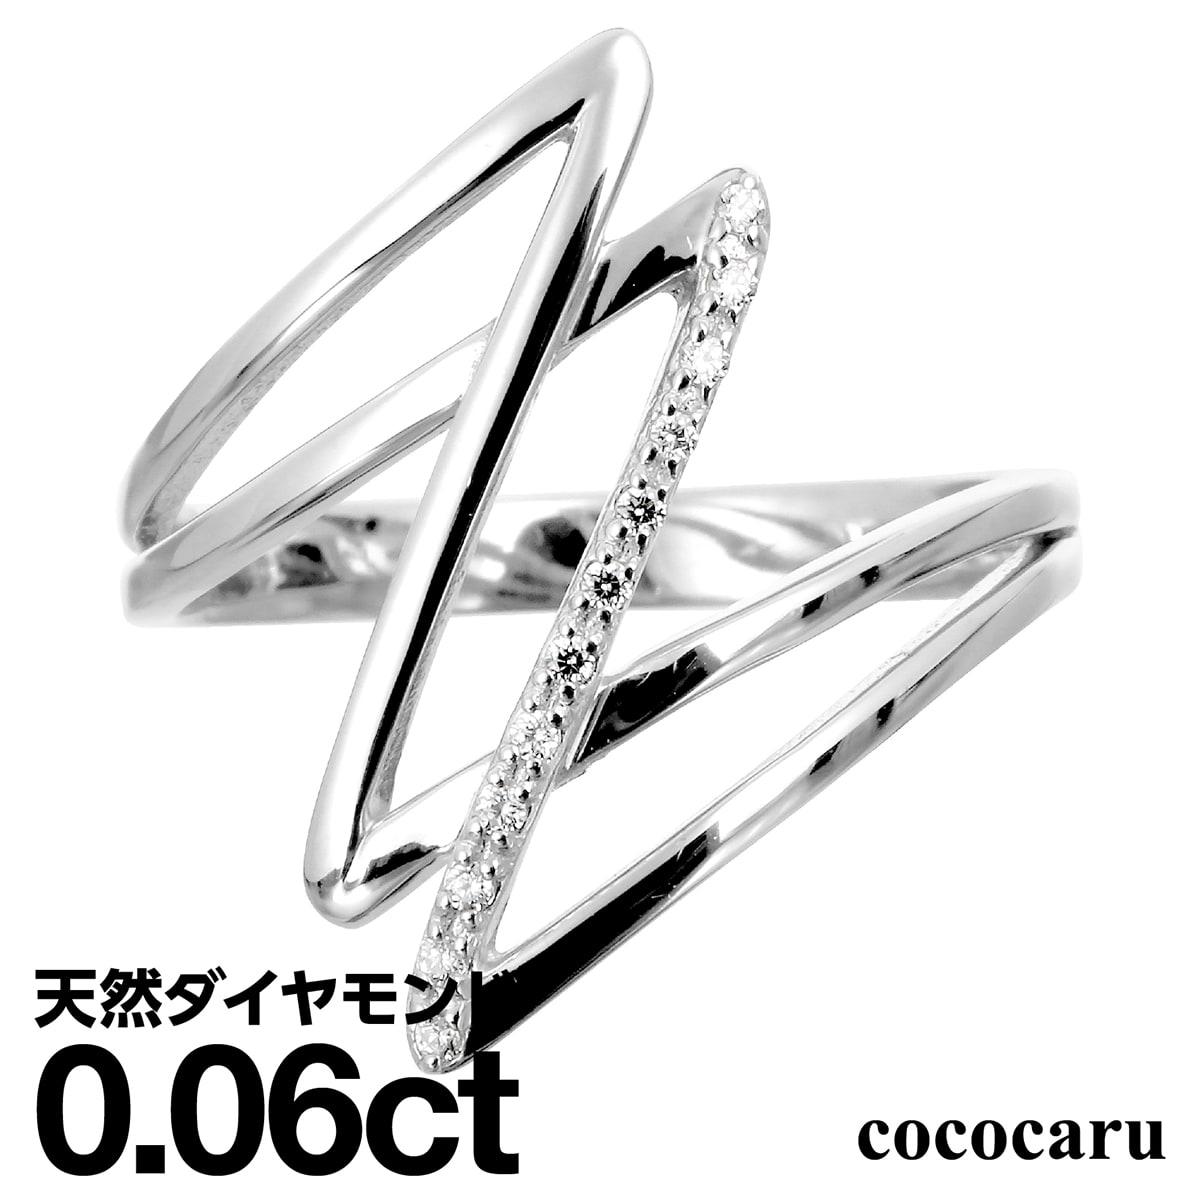 指輪 pt900 女性 20代 30代 40代 日本製 50代 60代 ダイヤモンド リング プラチナ900 ダイヤモンドリング 天然ダイヤ ファッションリング ホワイトデー プレゼント ギフト 品質保証書 金属アレルギー smtb-s 訳あり商品 日本製